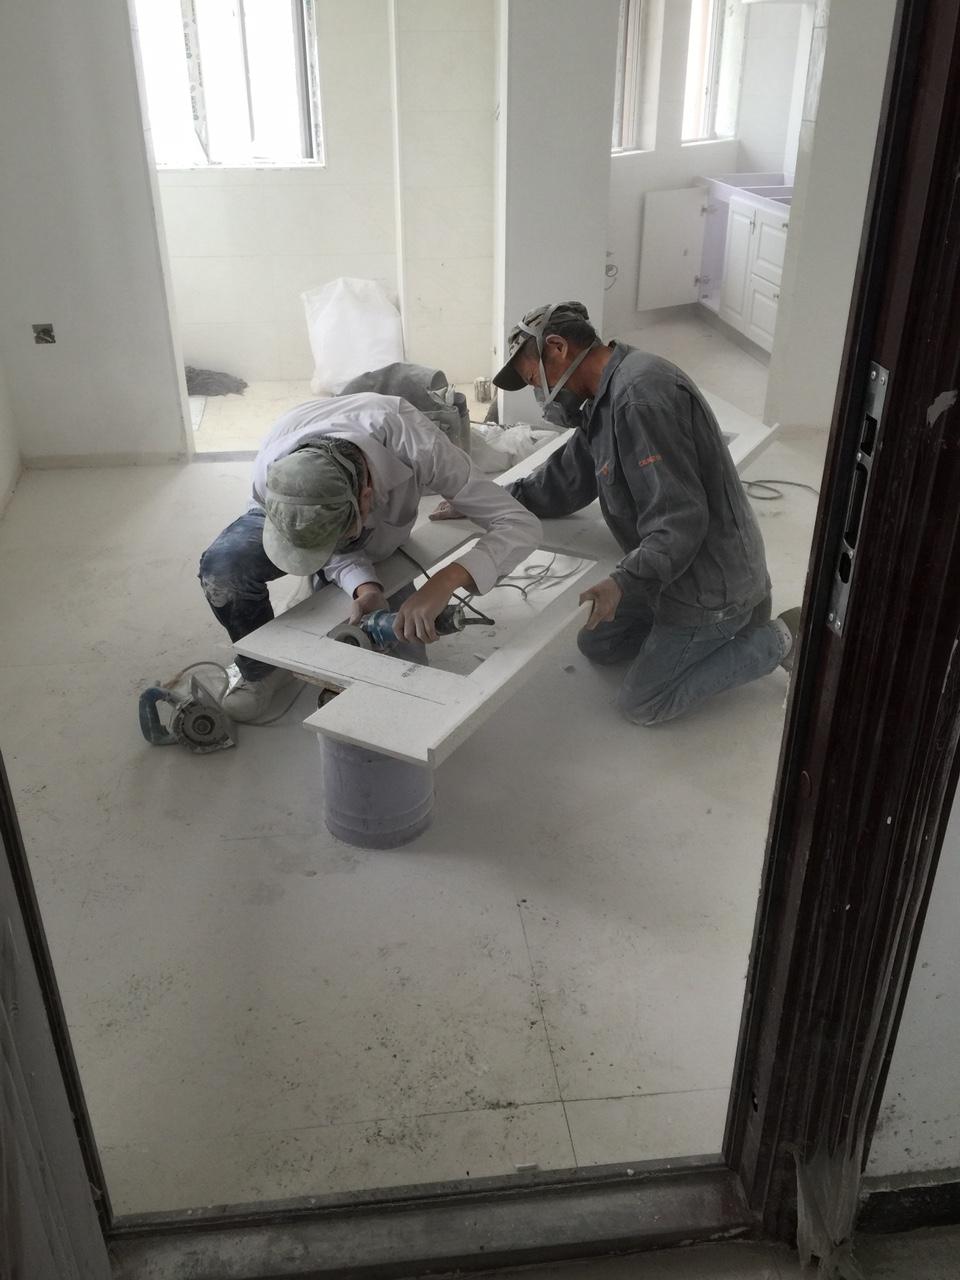 装修厨台的工人不容易,粉尘大的吓人。向每